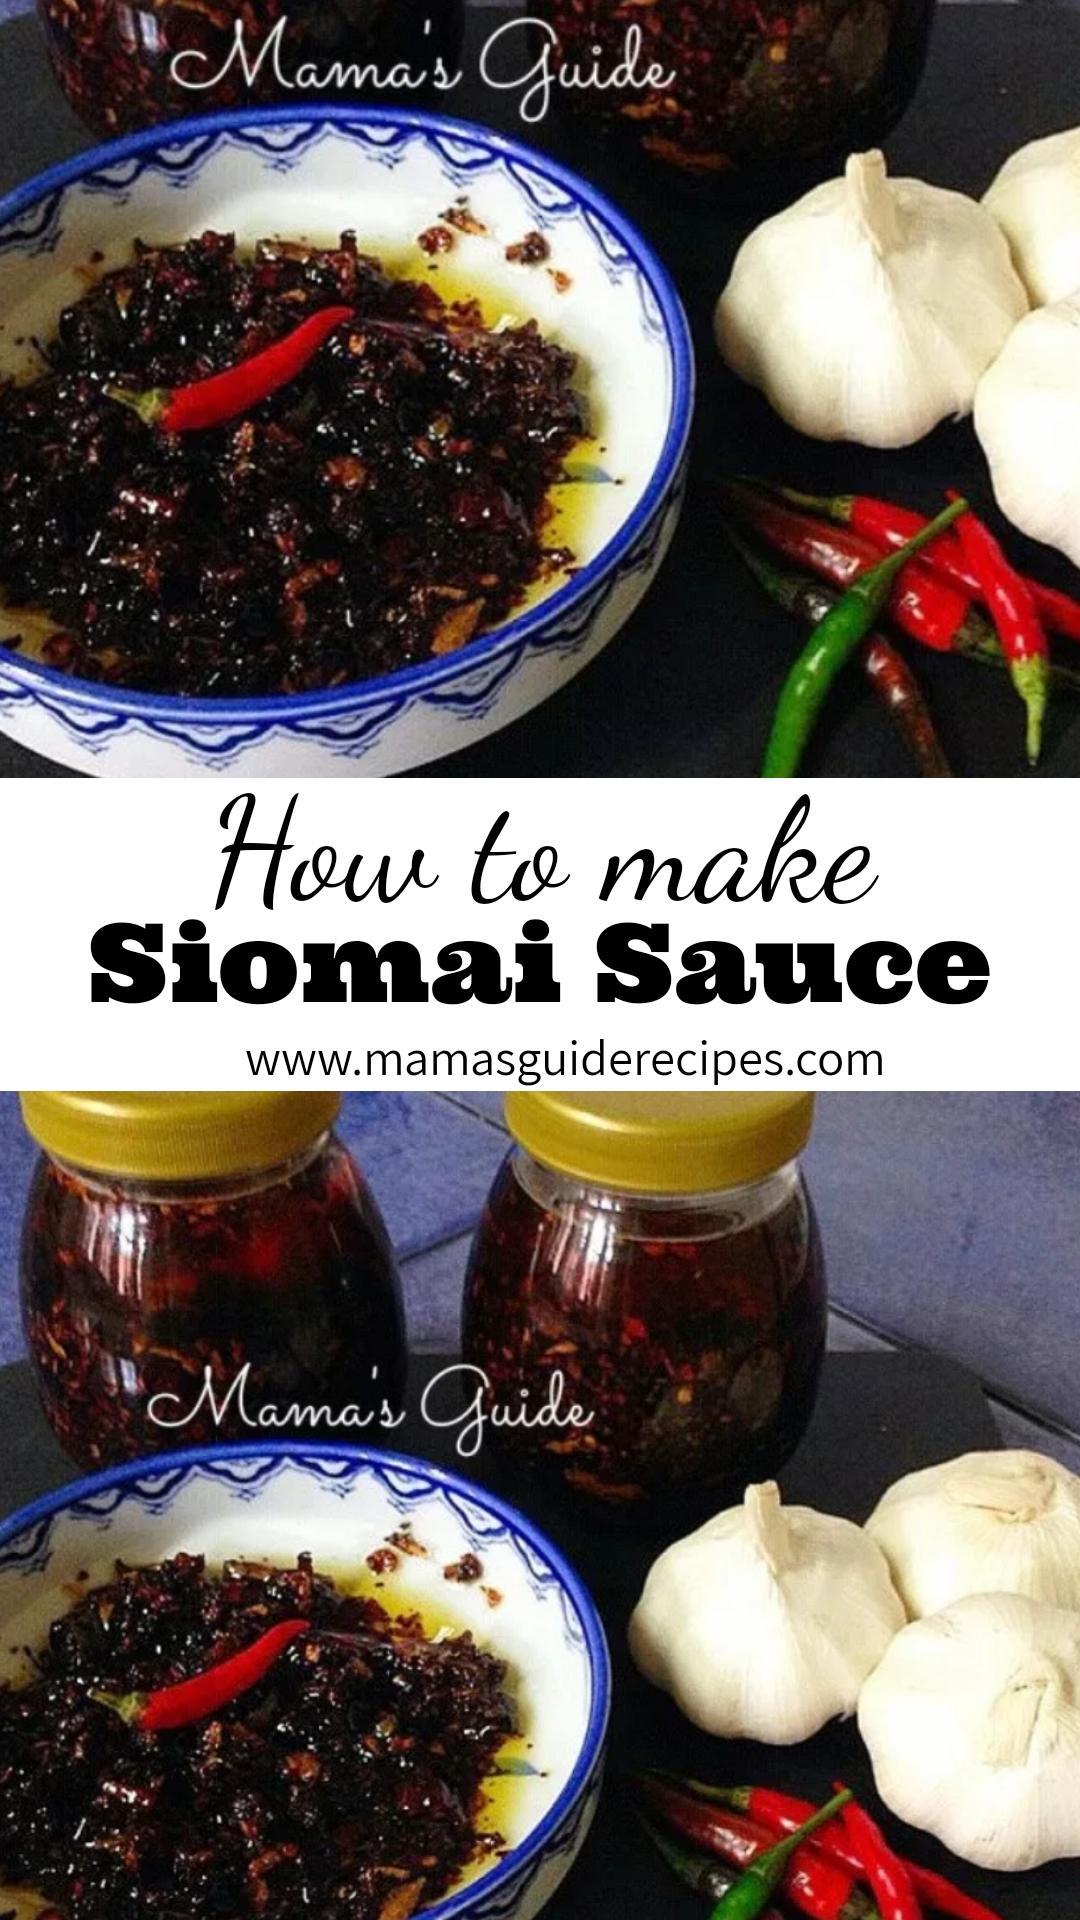 How To Make Homemade Siomai Sauce